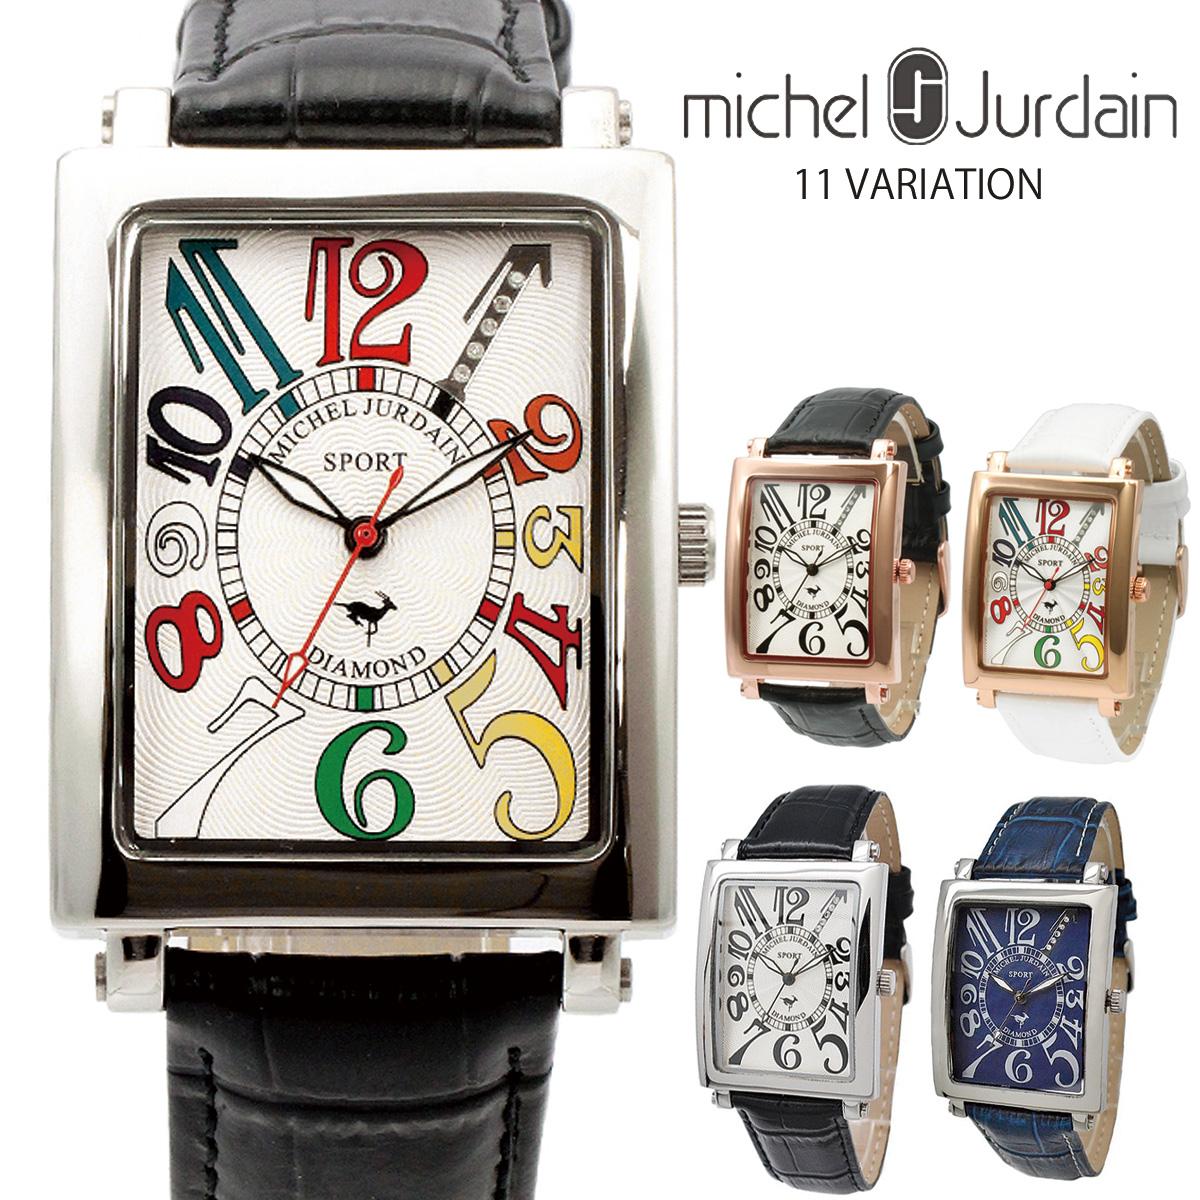 ミッシェルジョルダン 国内正規品 2020 新作 送料無料 あす楽 MICHEL JURDAIN SPORTダイヤモンド 安心と信頼 メンズ ブランド おしゃれ 人気 ギフト 安い シンプル 腕時計 プレゼント 女性 レディース スクエア かわいい